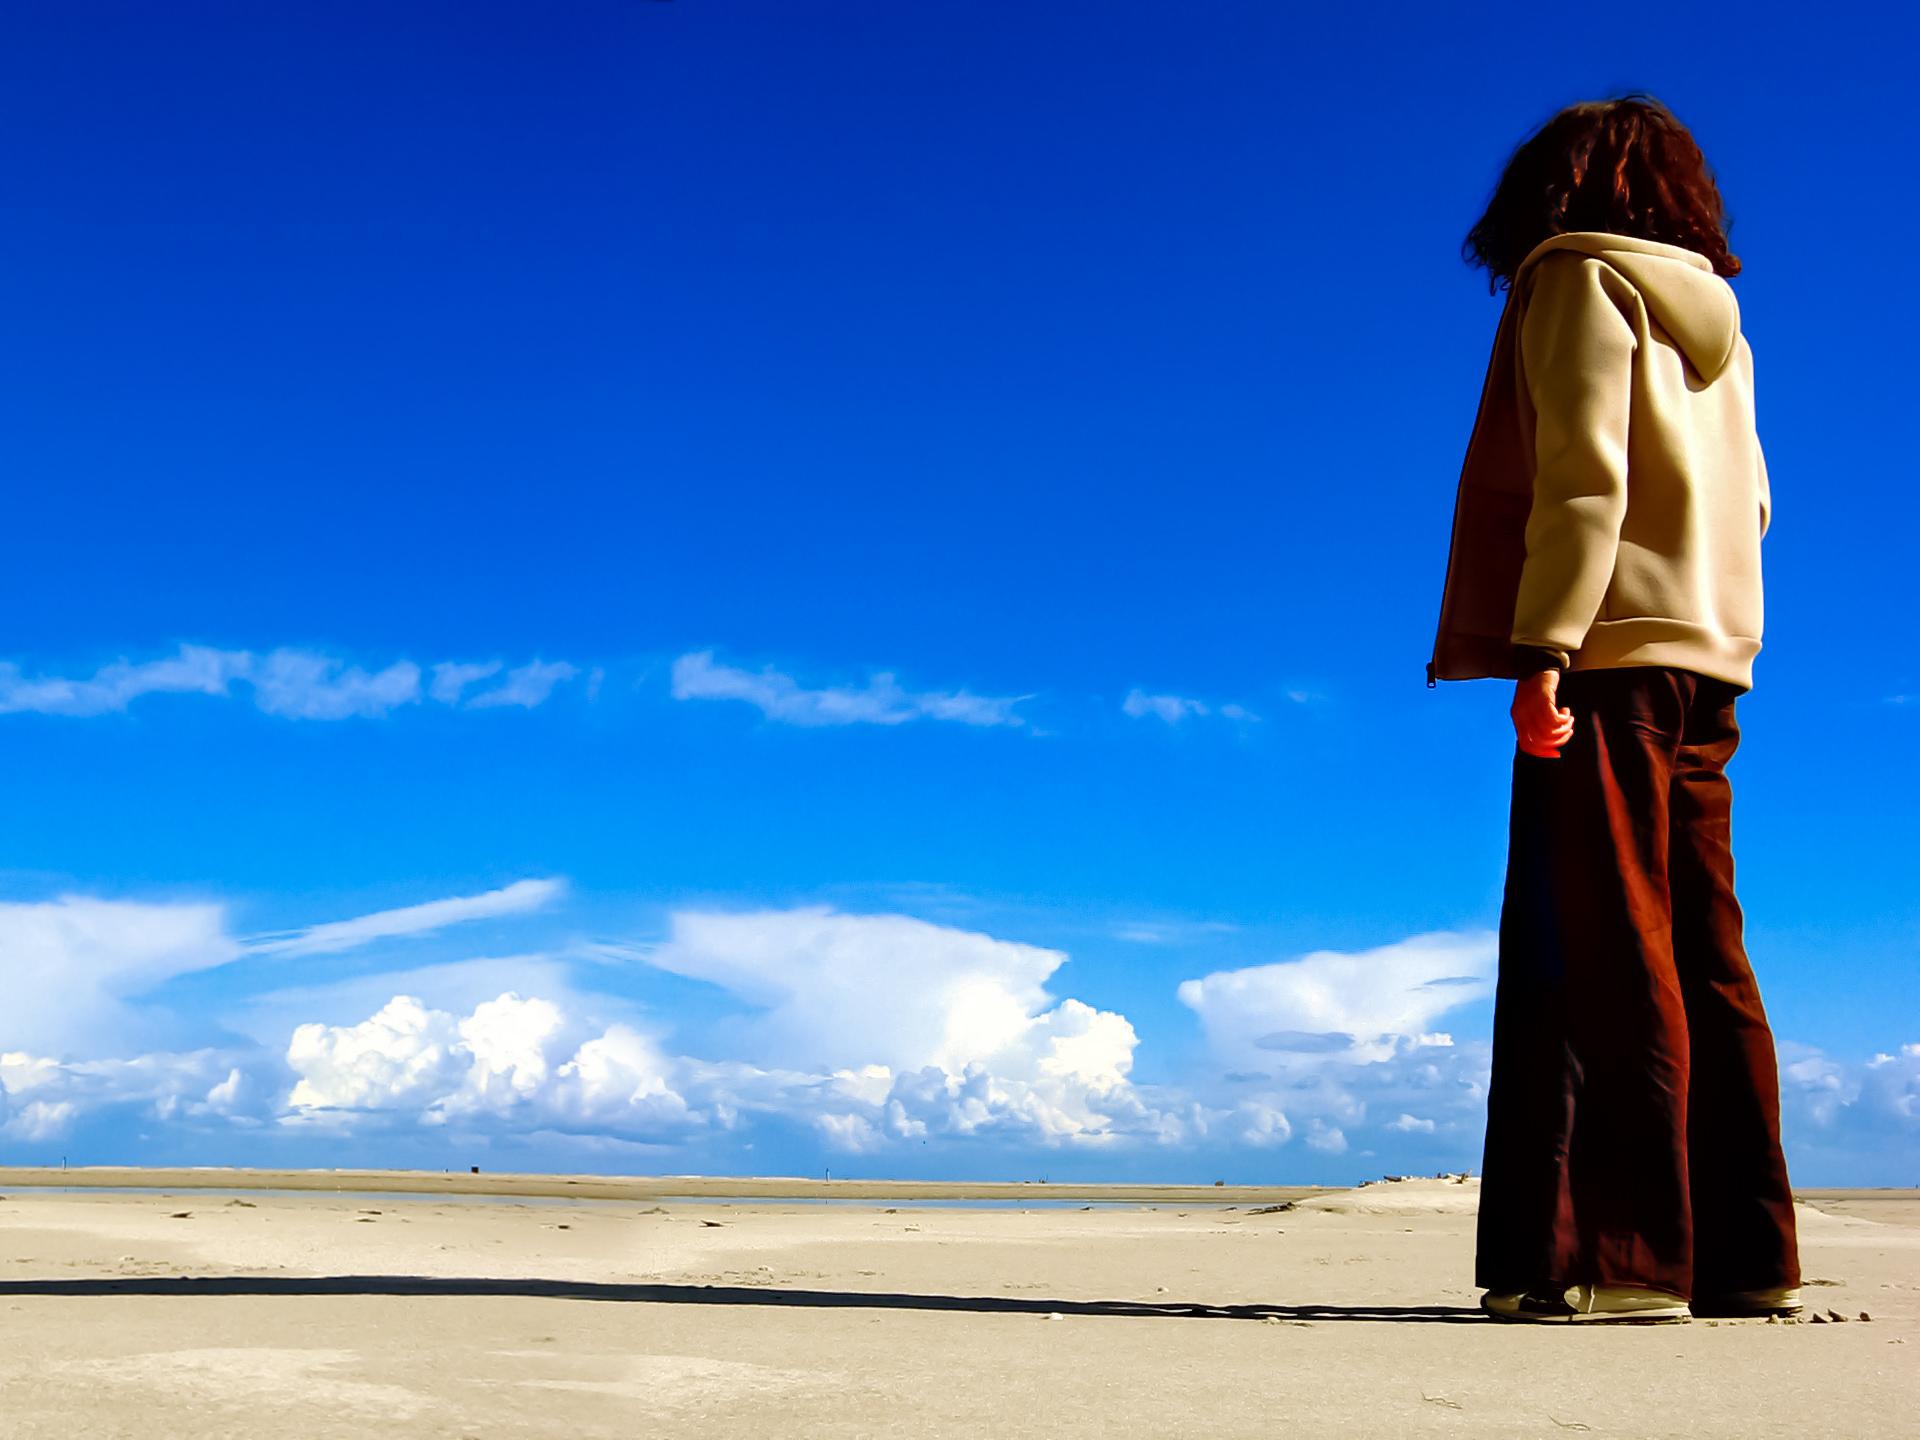 Visionsarbeit bietet Lösung von belastenden Lebenssituationen